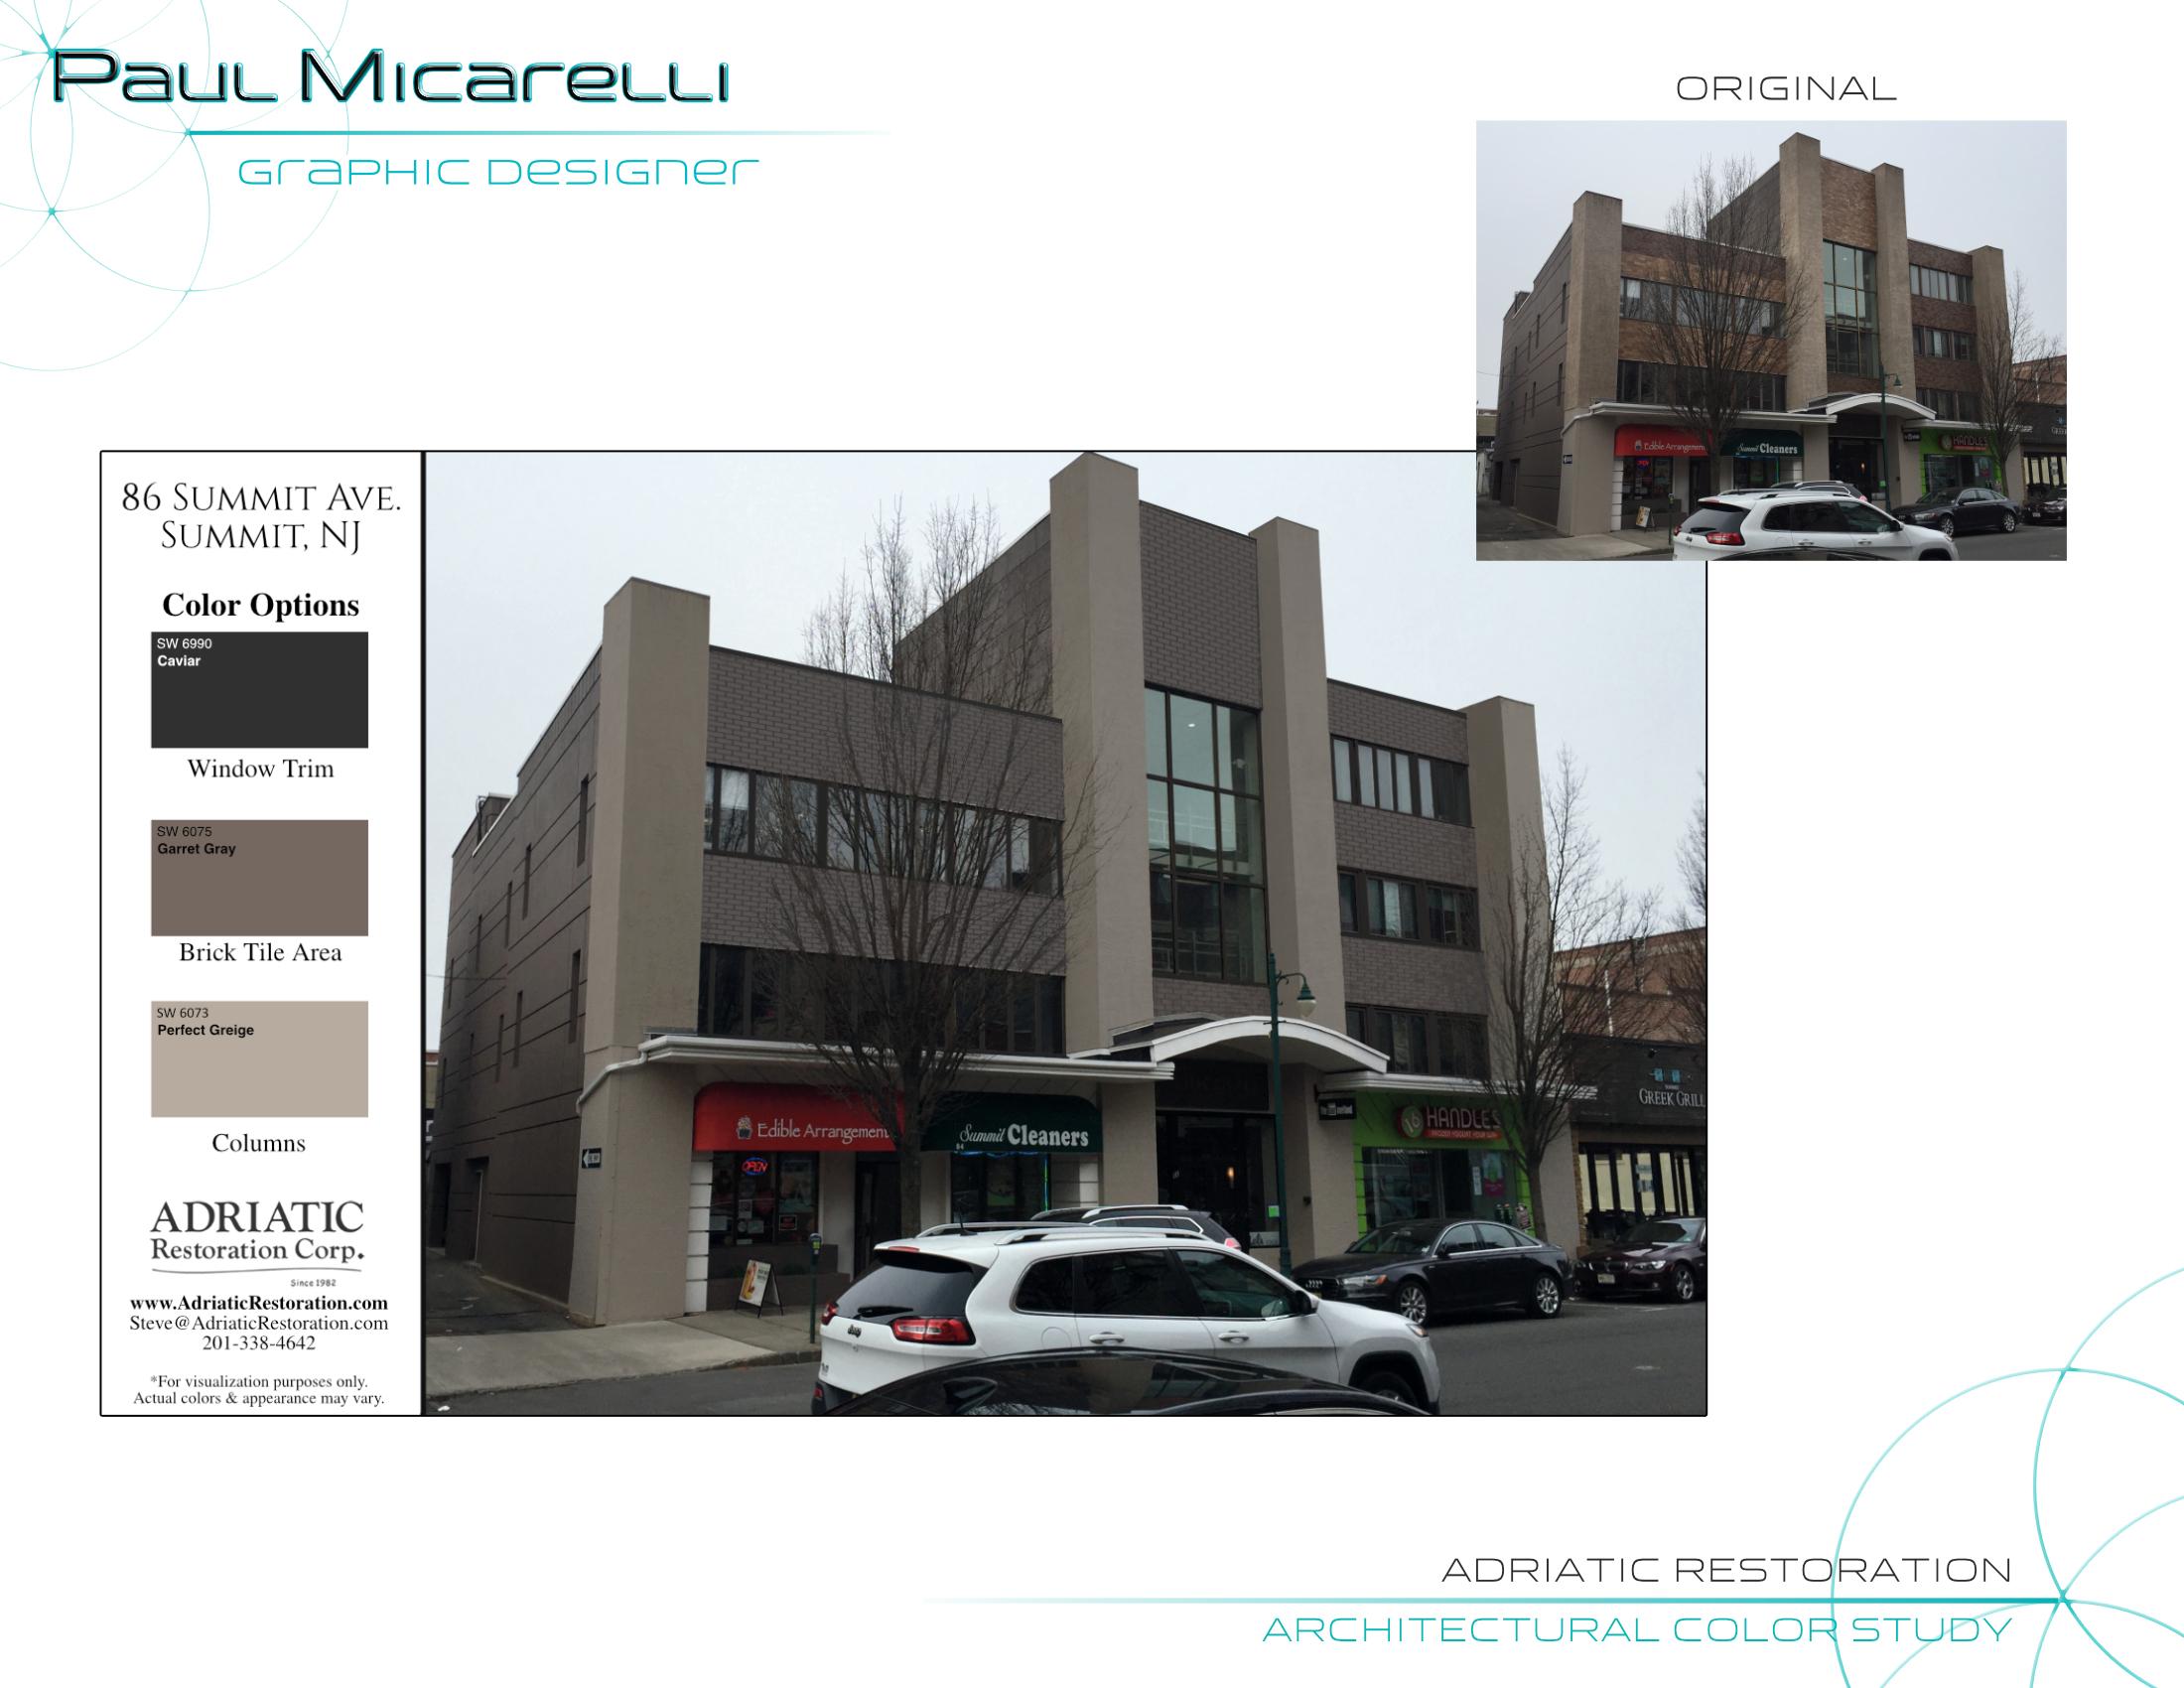 Paul-Micarelli-Adriatic-88 Summit Ave